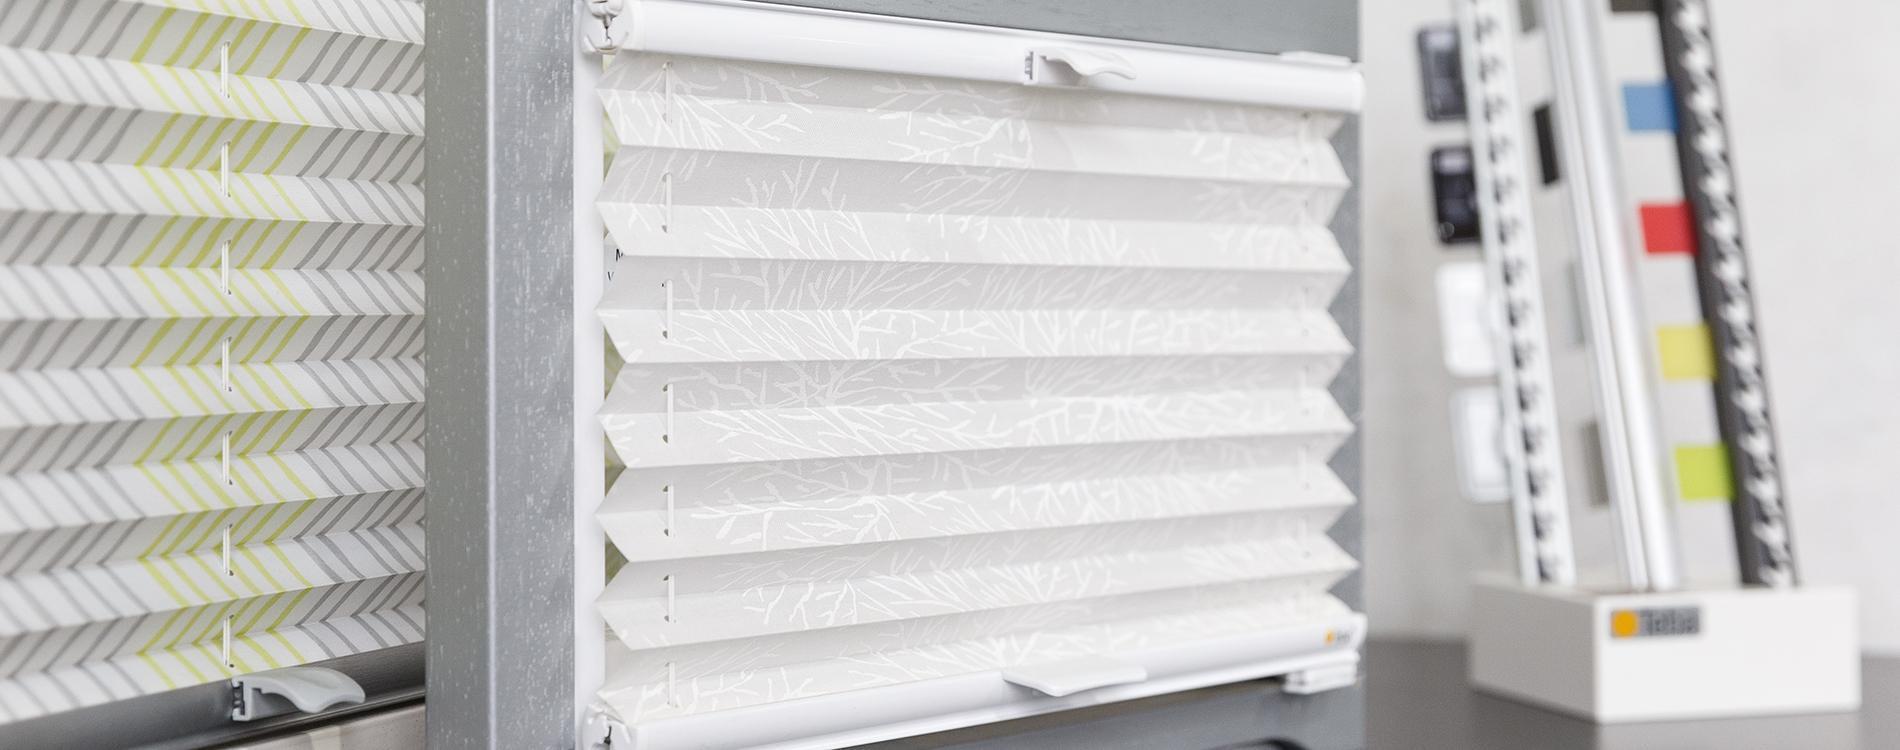 Sonnenschutz für jedes Fenster.